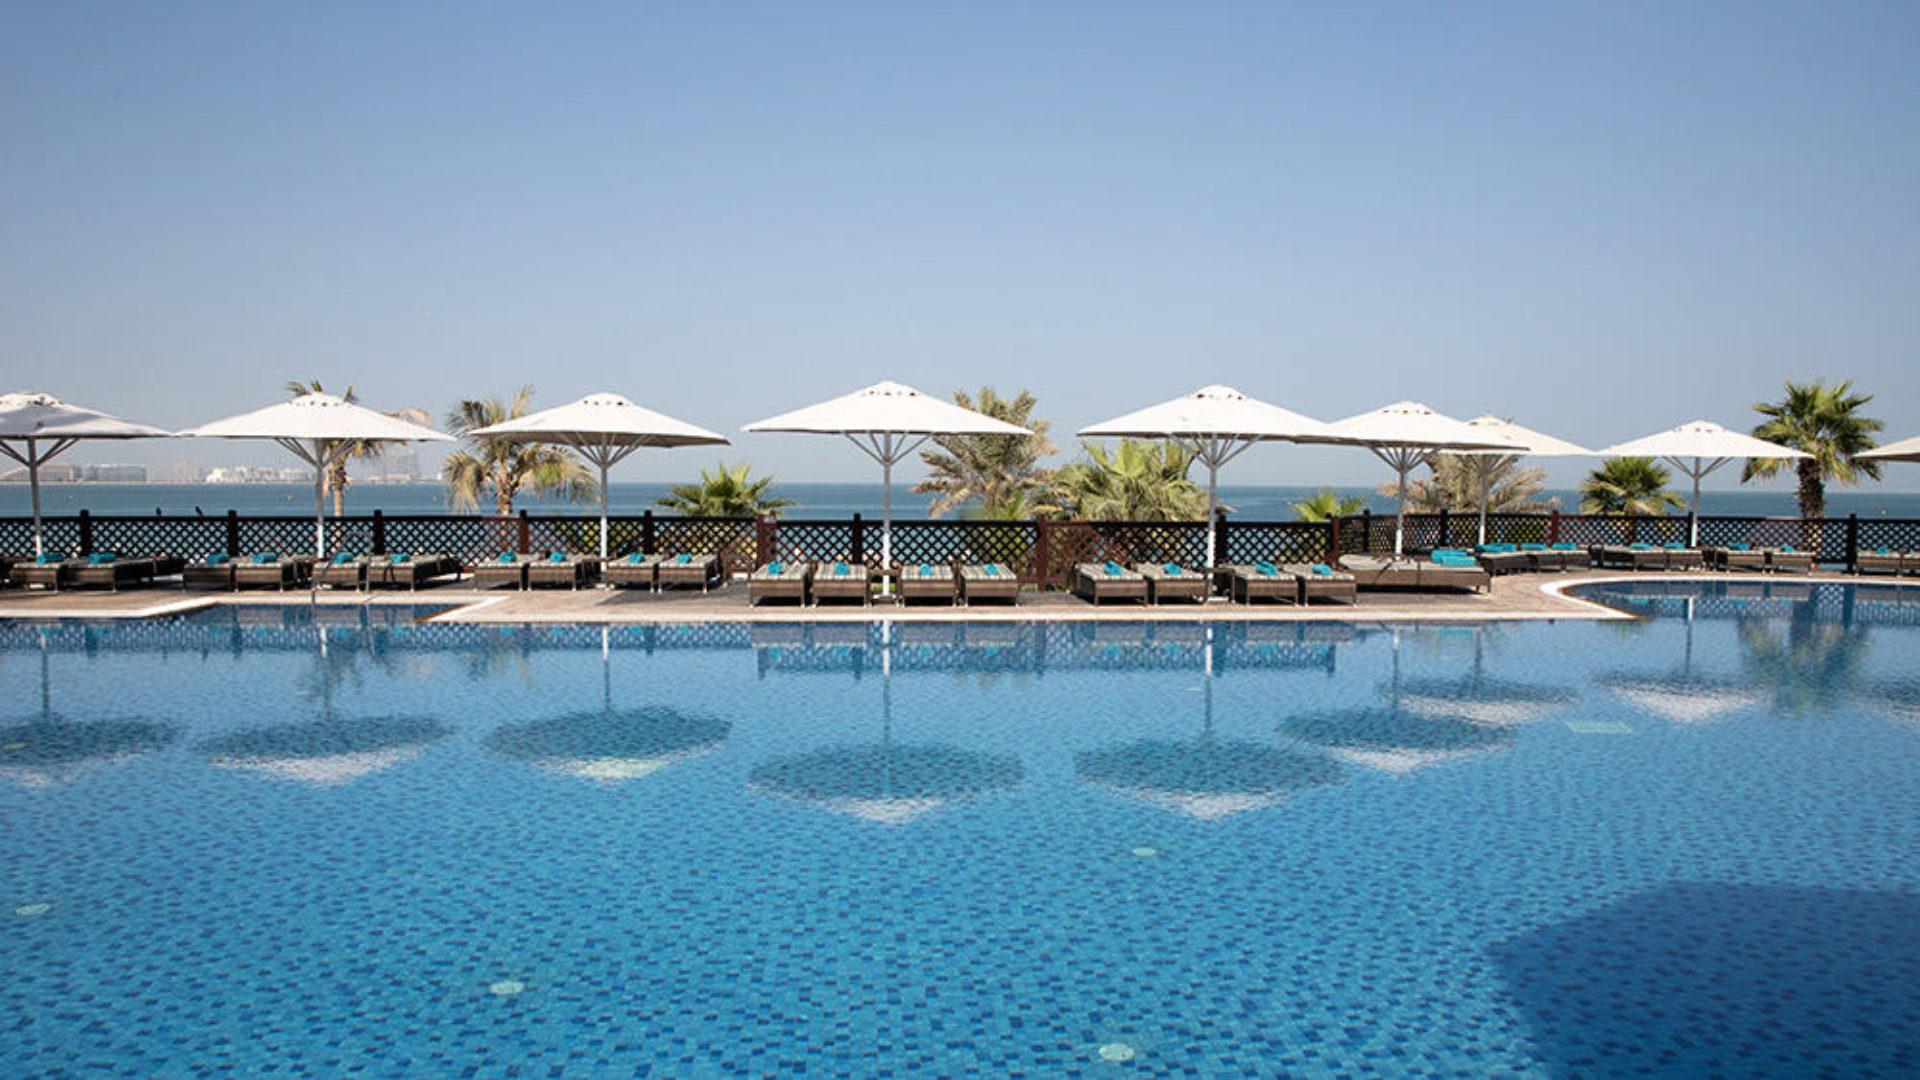 Pool with sun loungers at Jumeirah Mina A'Salam